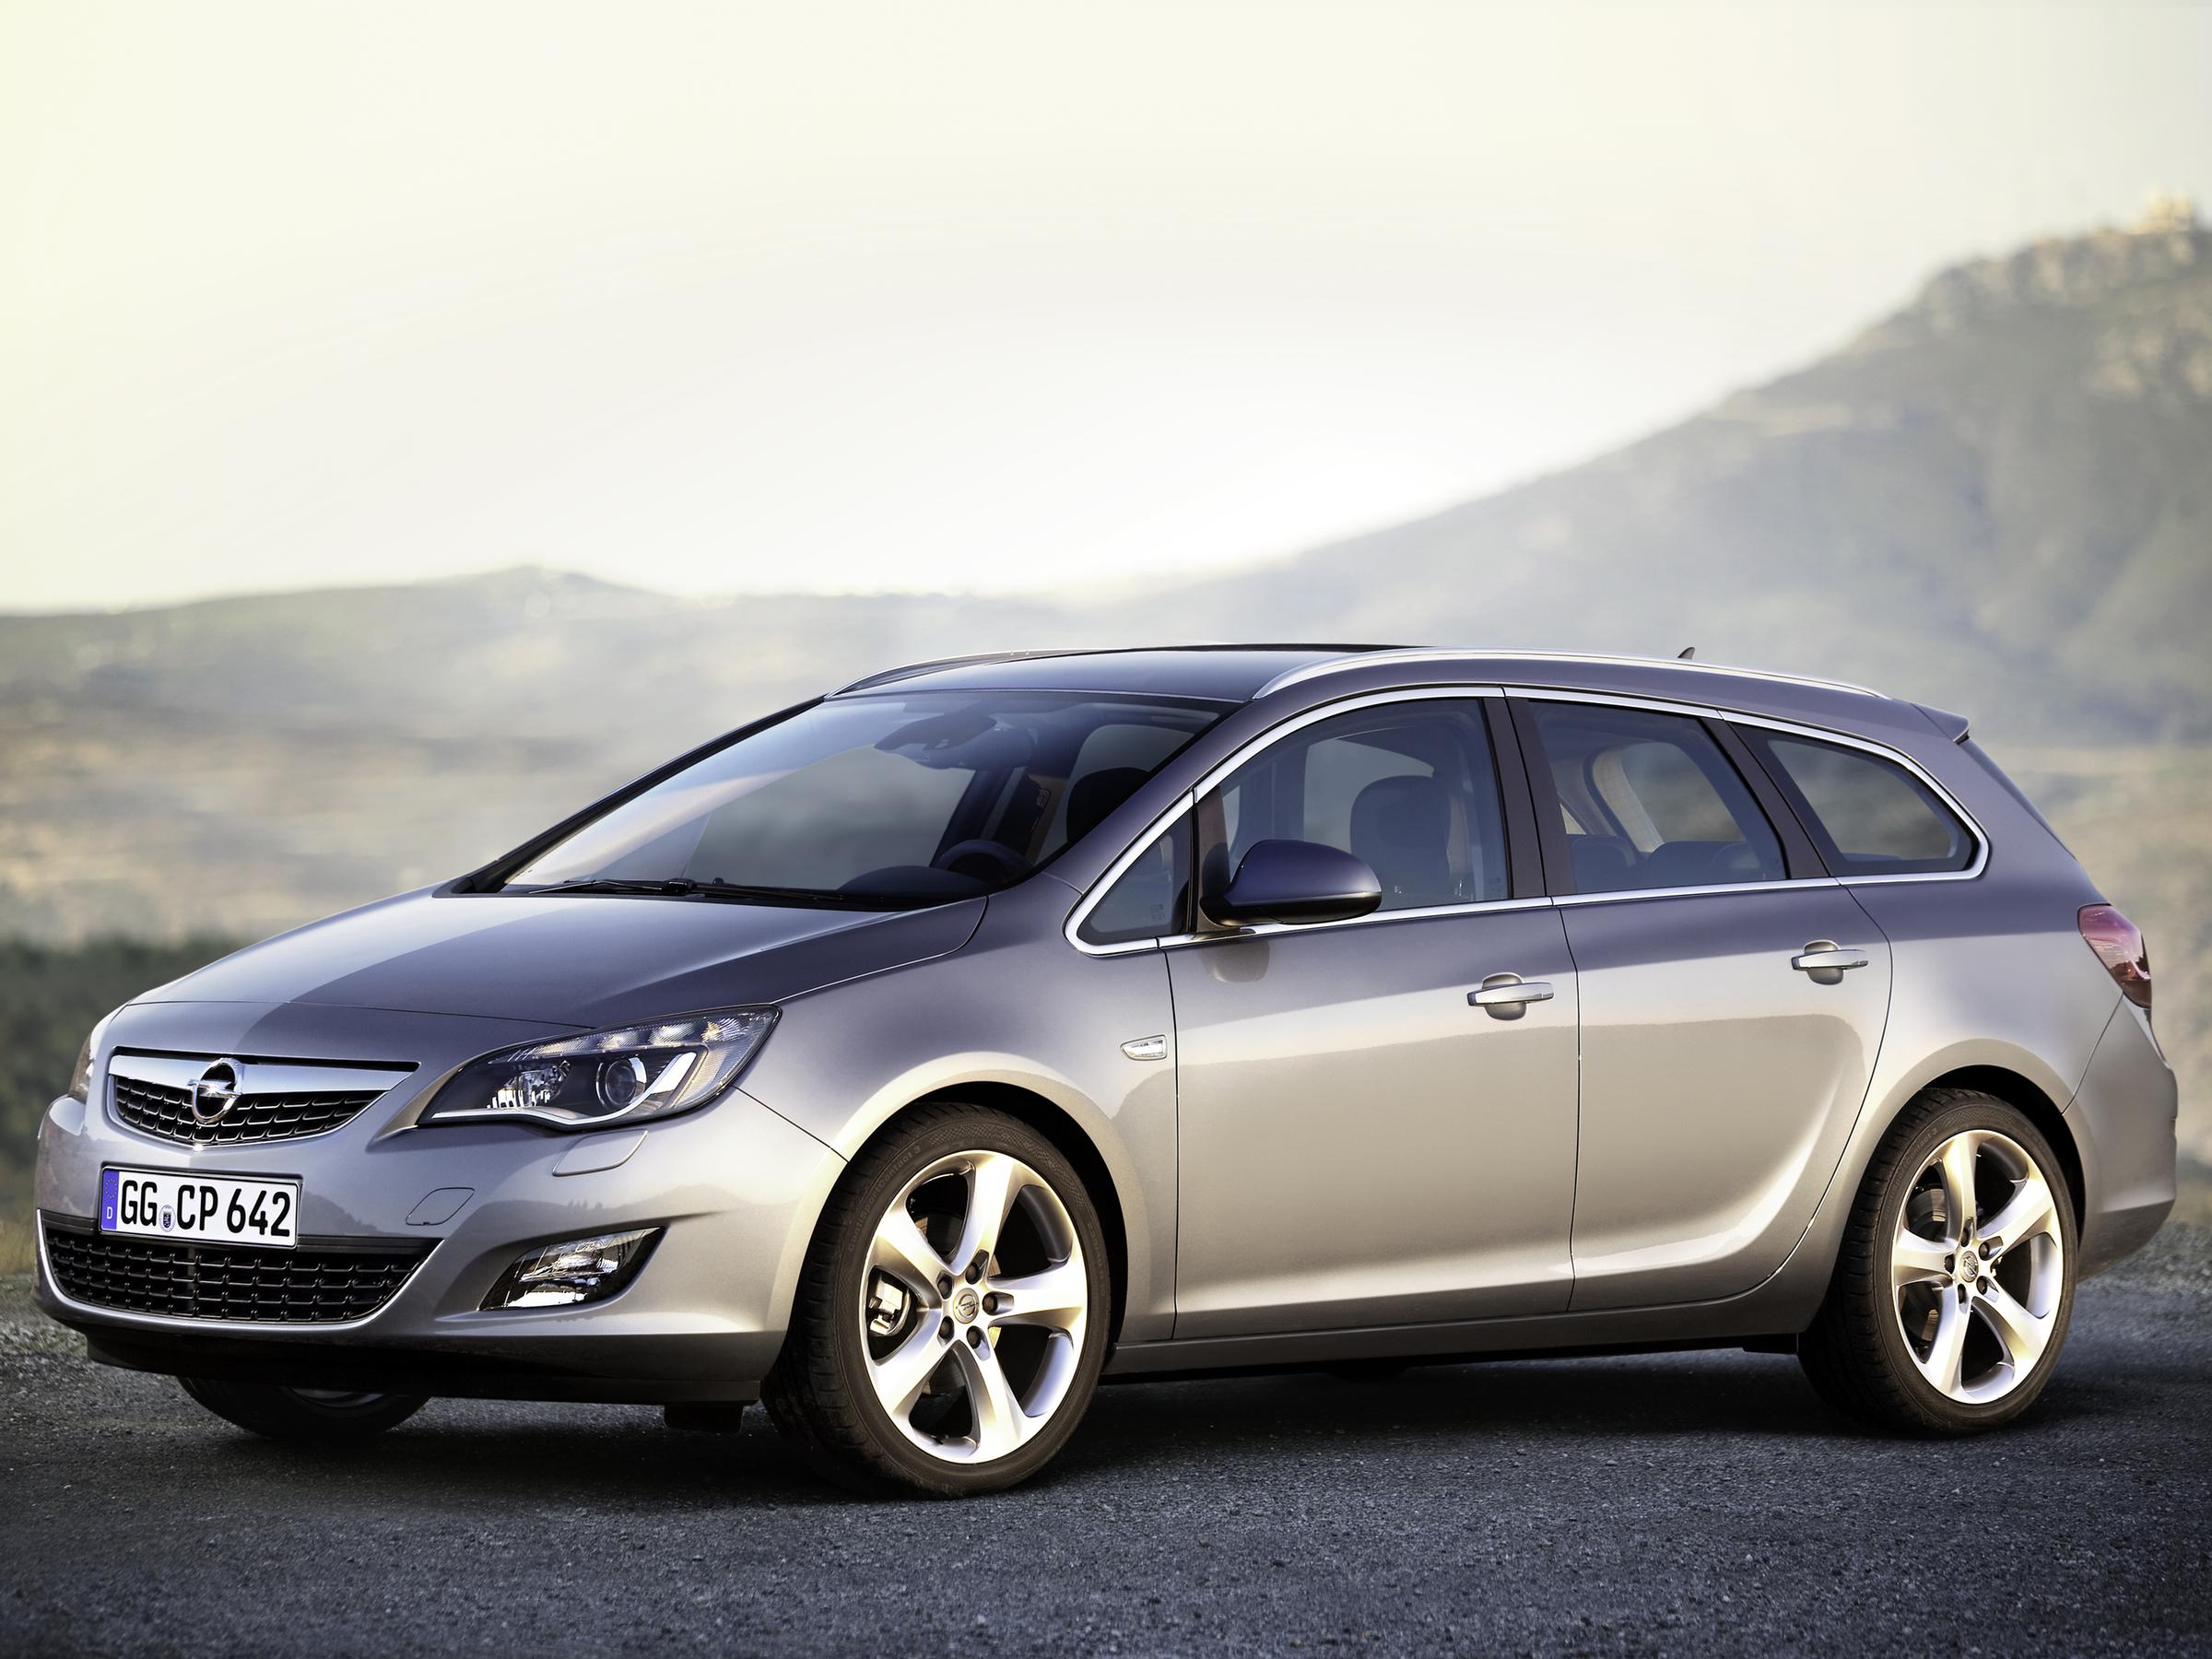 Учитывая популярность модели Opel Astra, справедливо будет